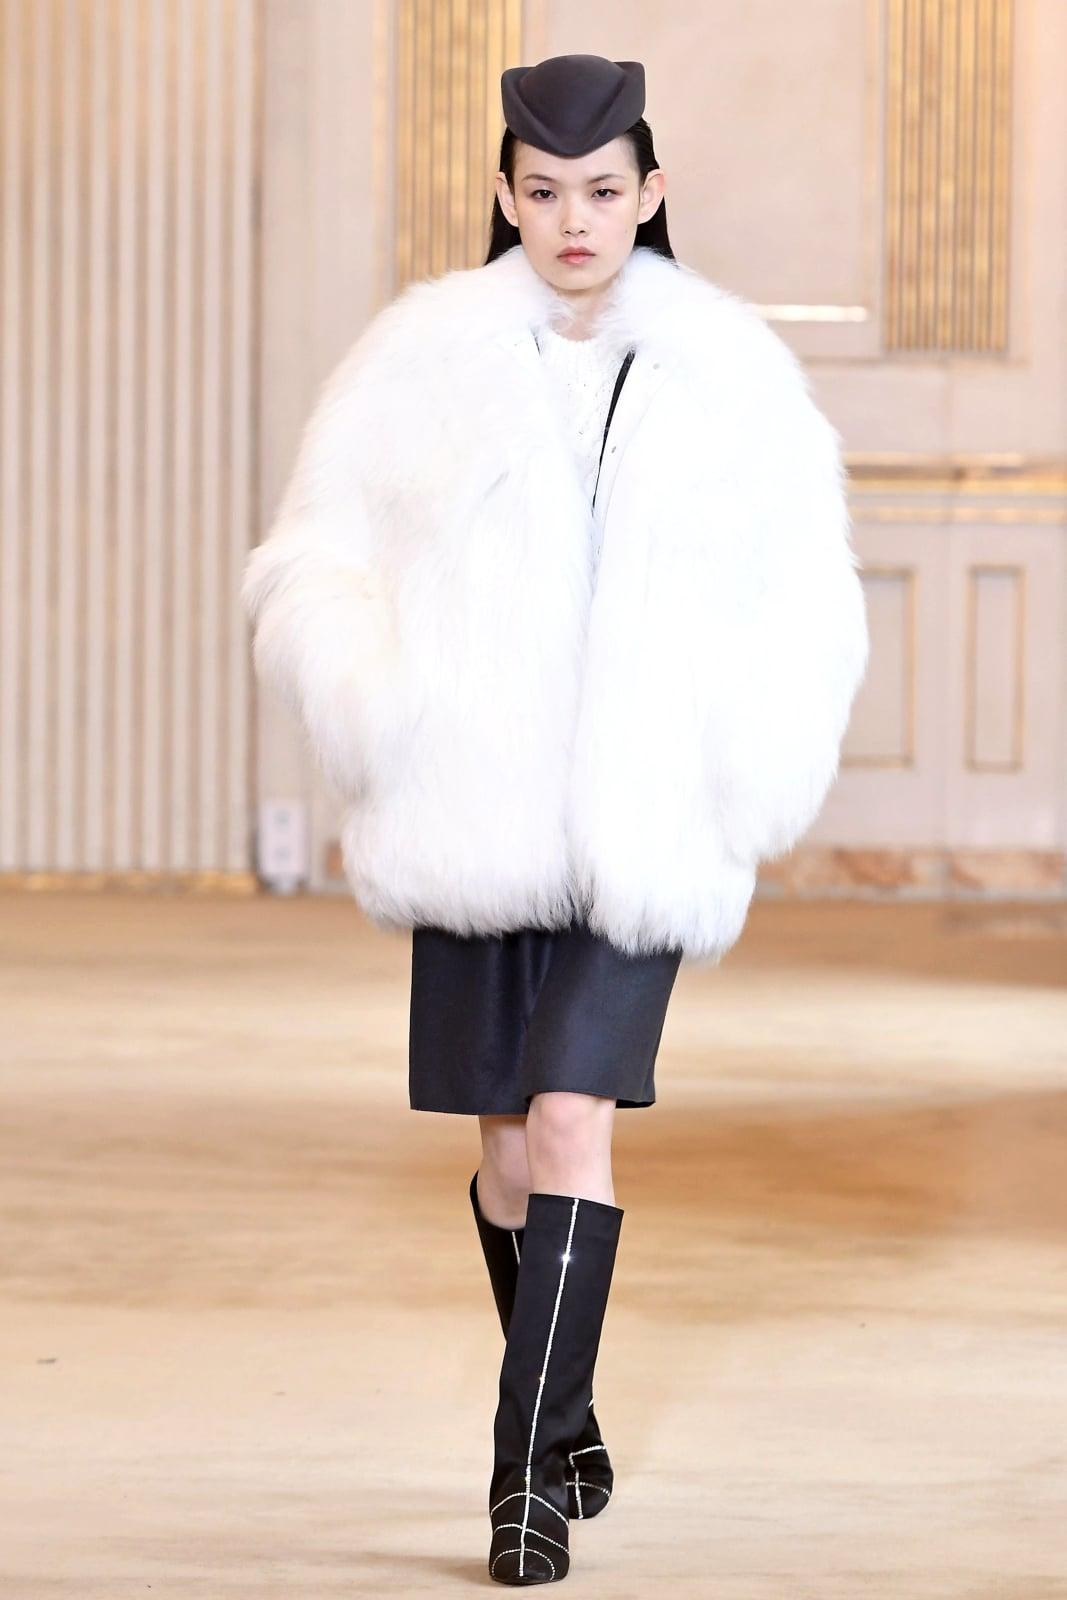 Paris Fashion Week   EPA/CHRISTOPHE PETIT TESSON